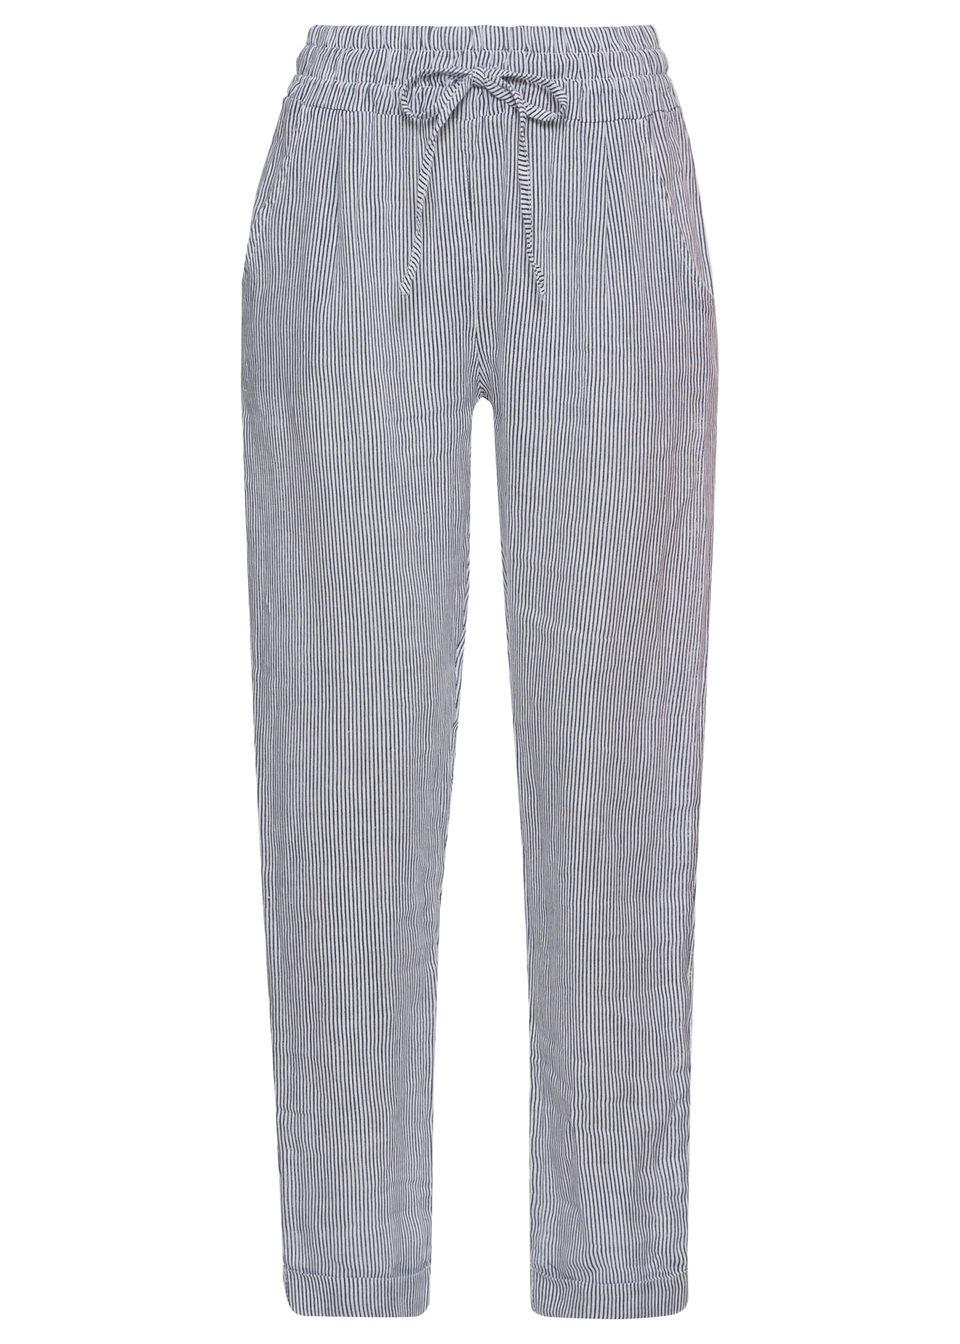 Spodnie lniane bonprix niebiesko-biały w paski